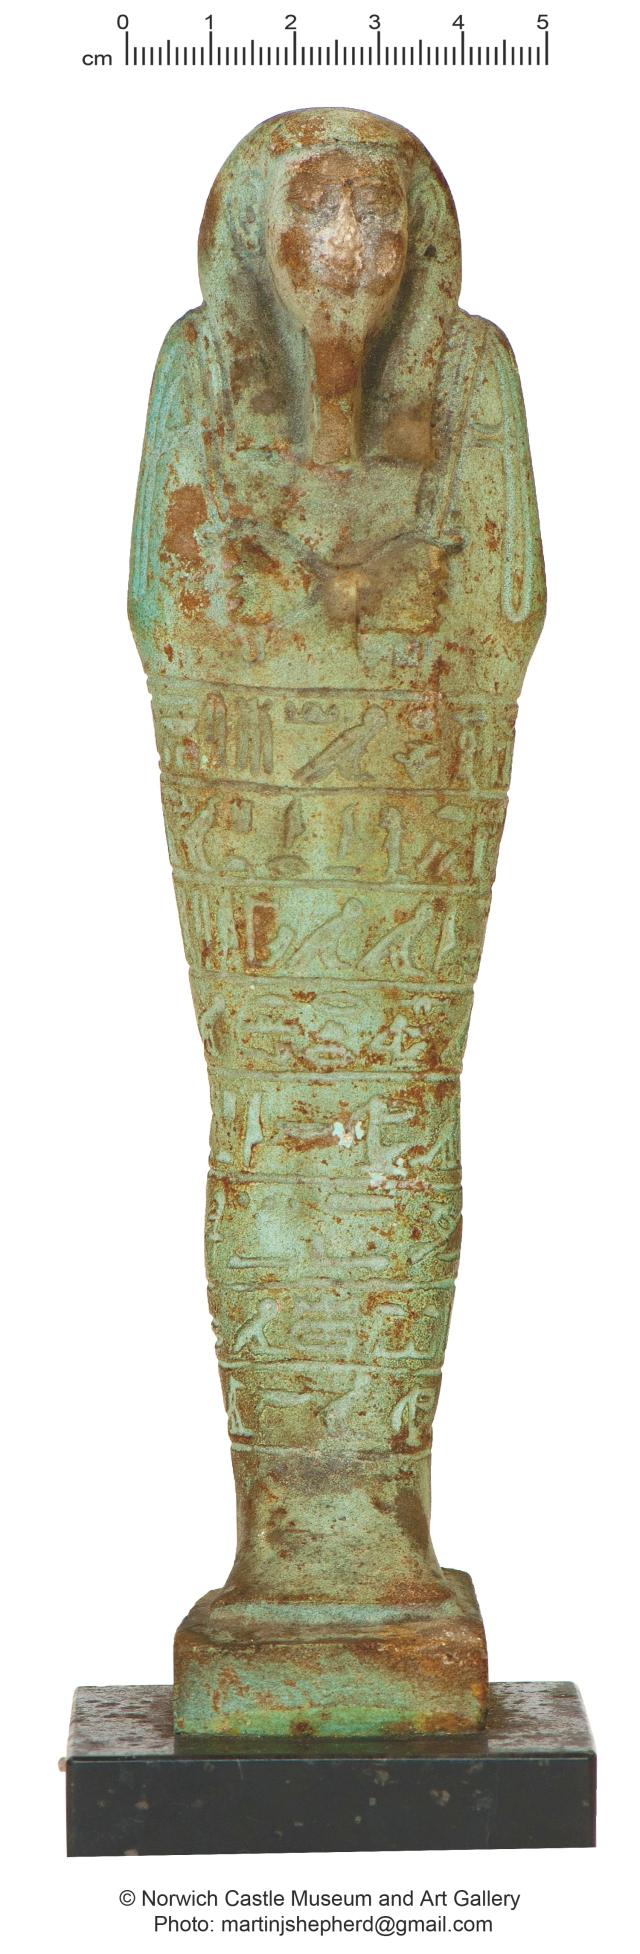 [3] 2000-167 Shabti